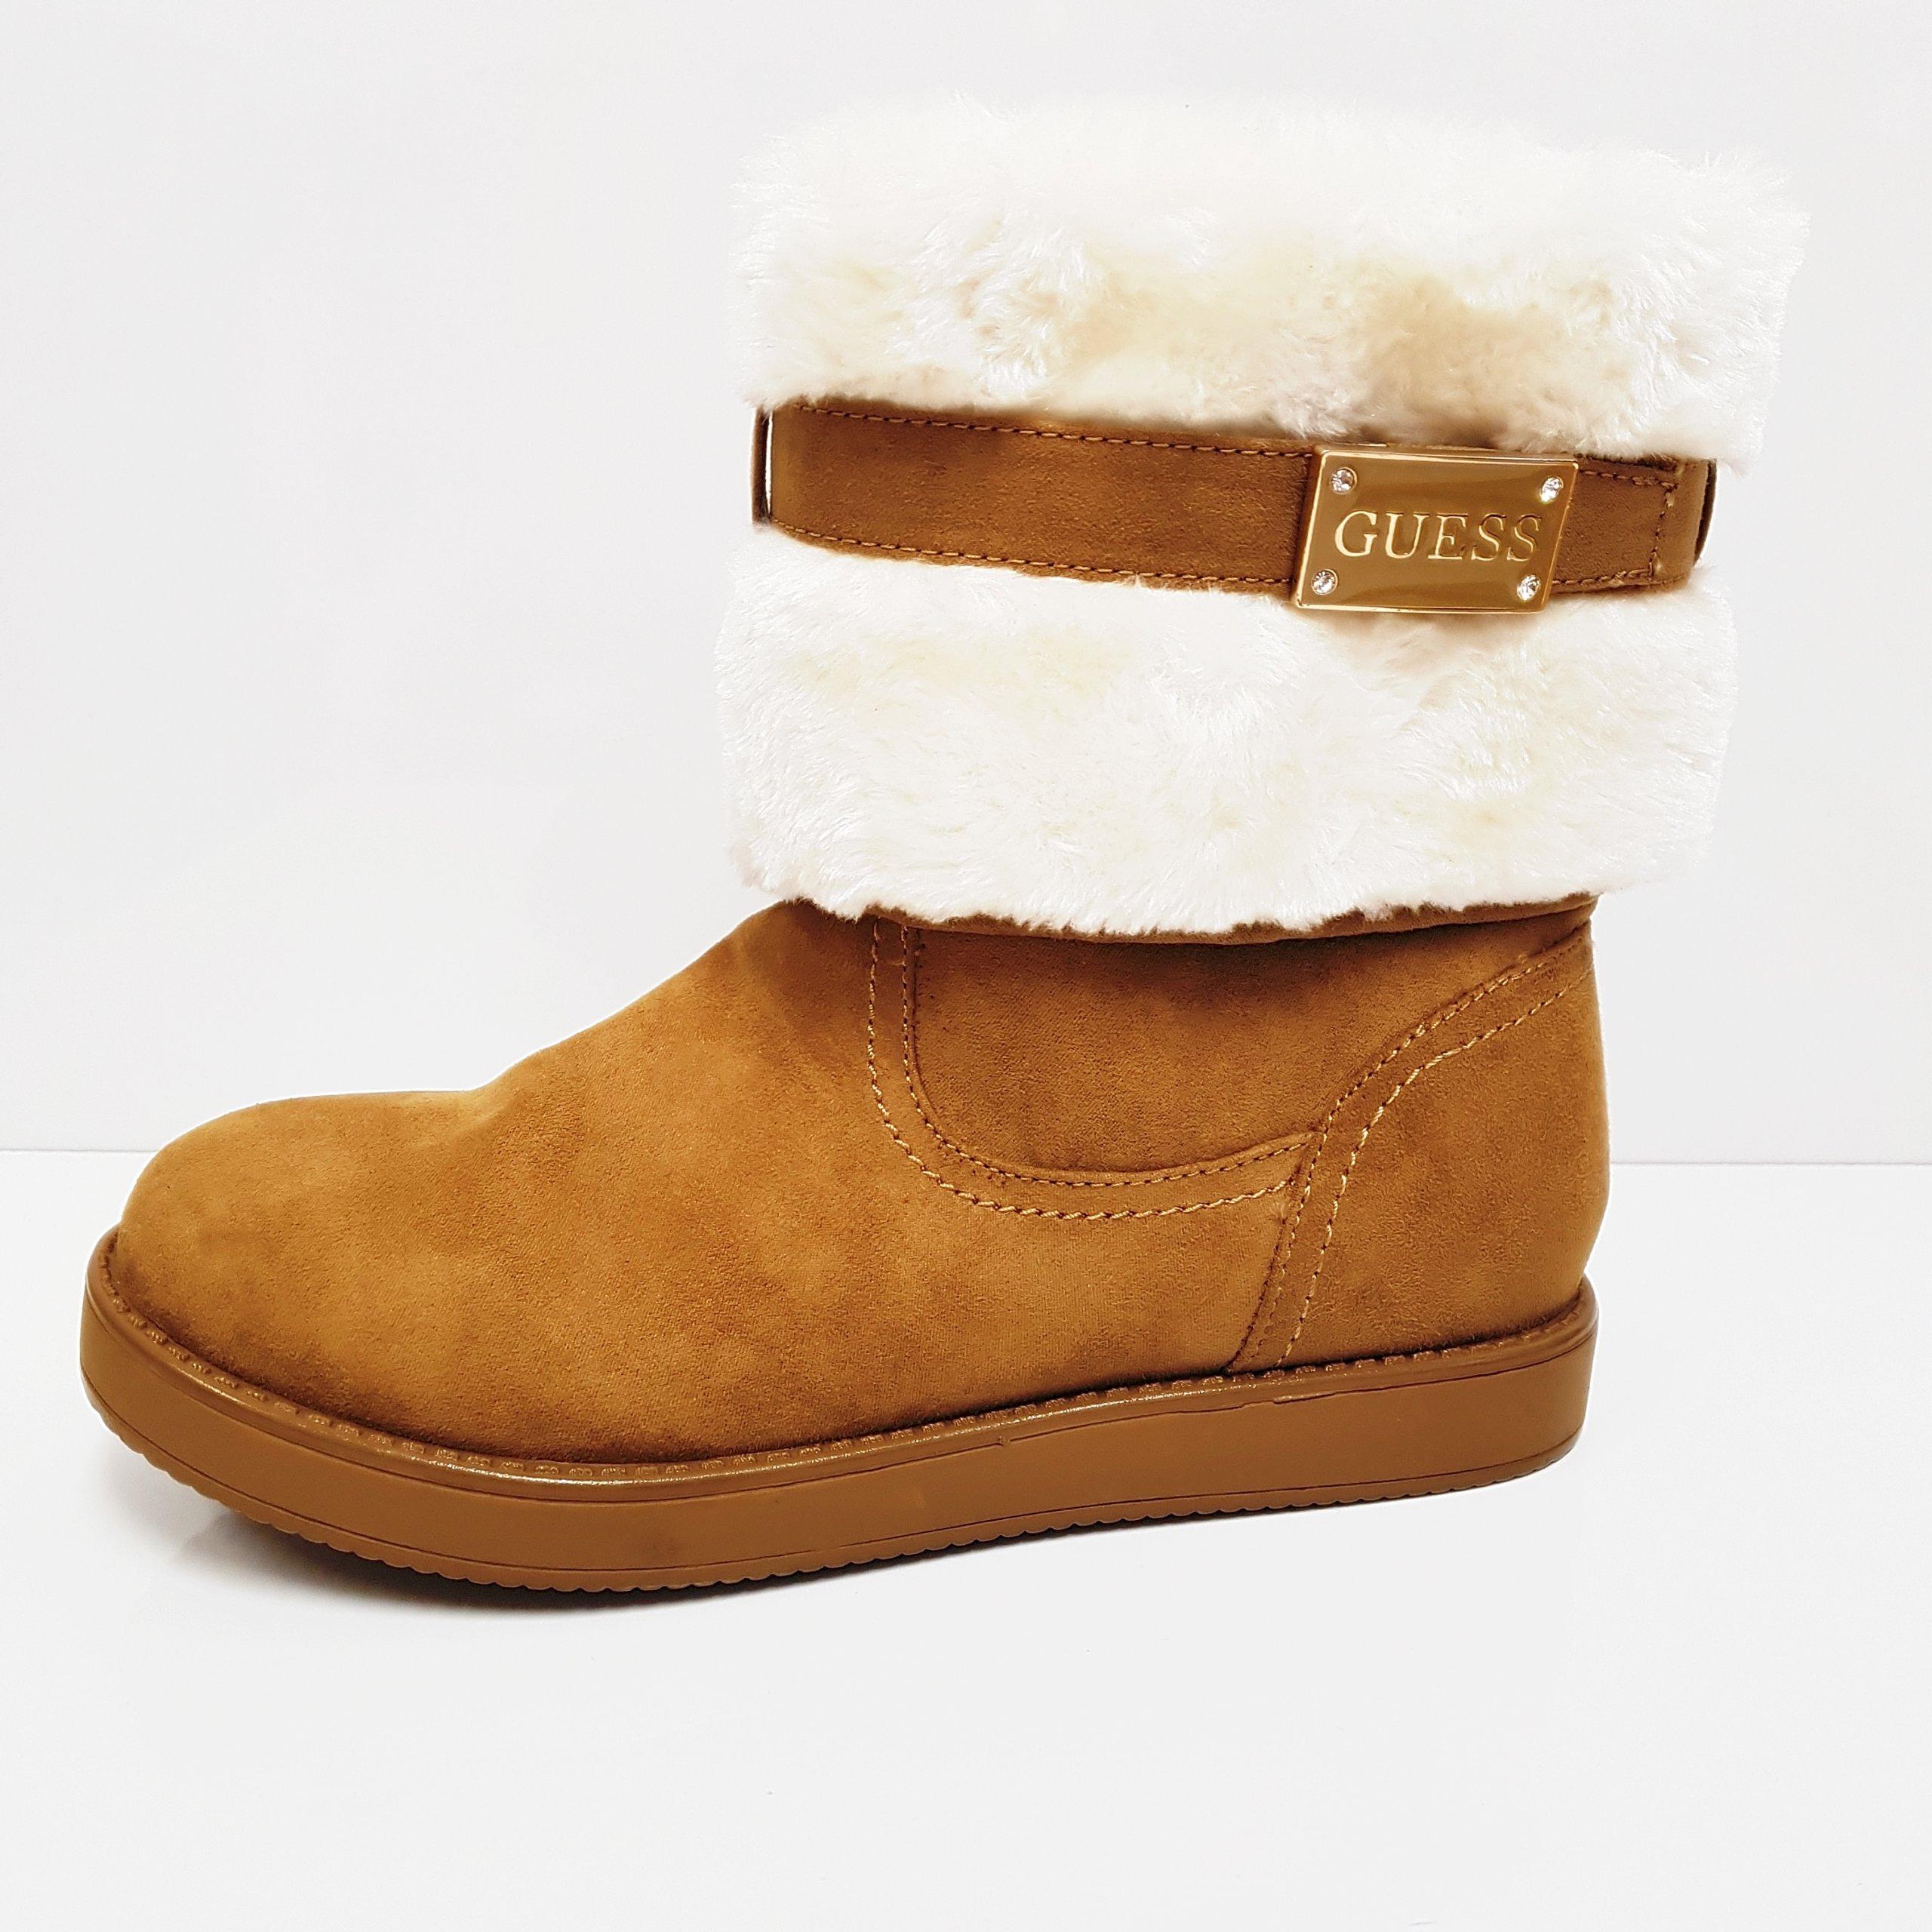 6a63853eb4802 Kozaki damskie GUESS 38 buty po nartach ciepłe HIT - 7051528043 ...